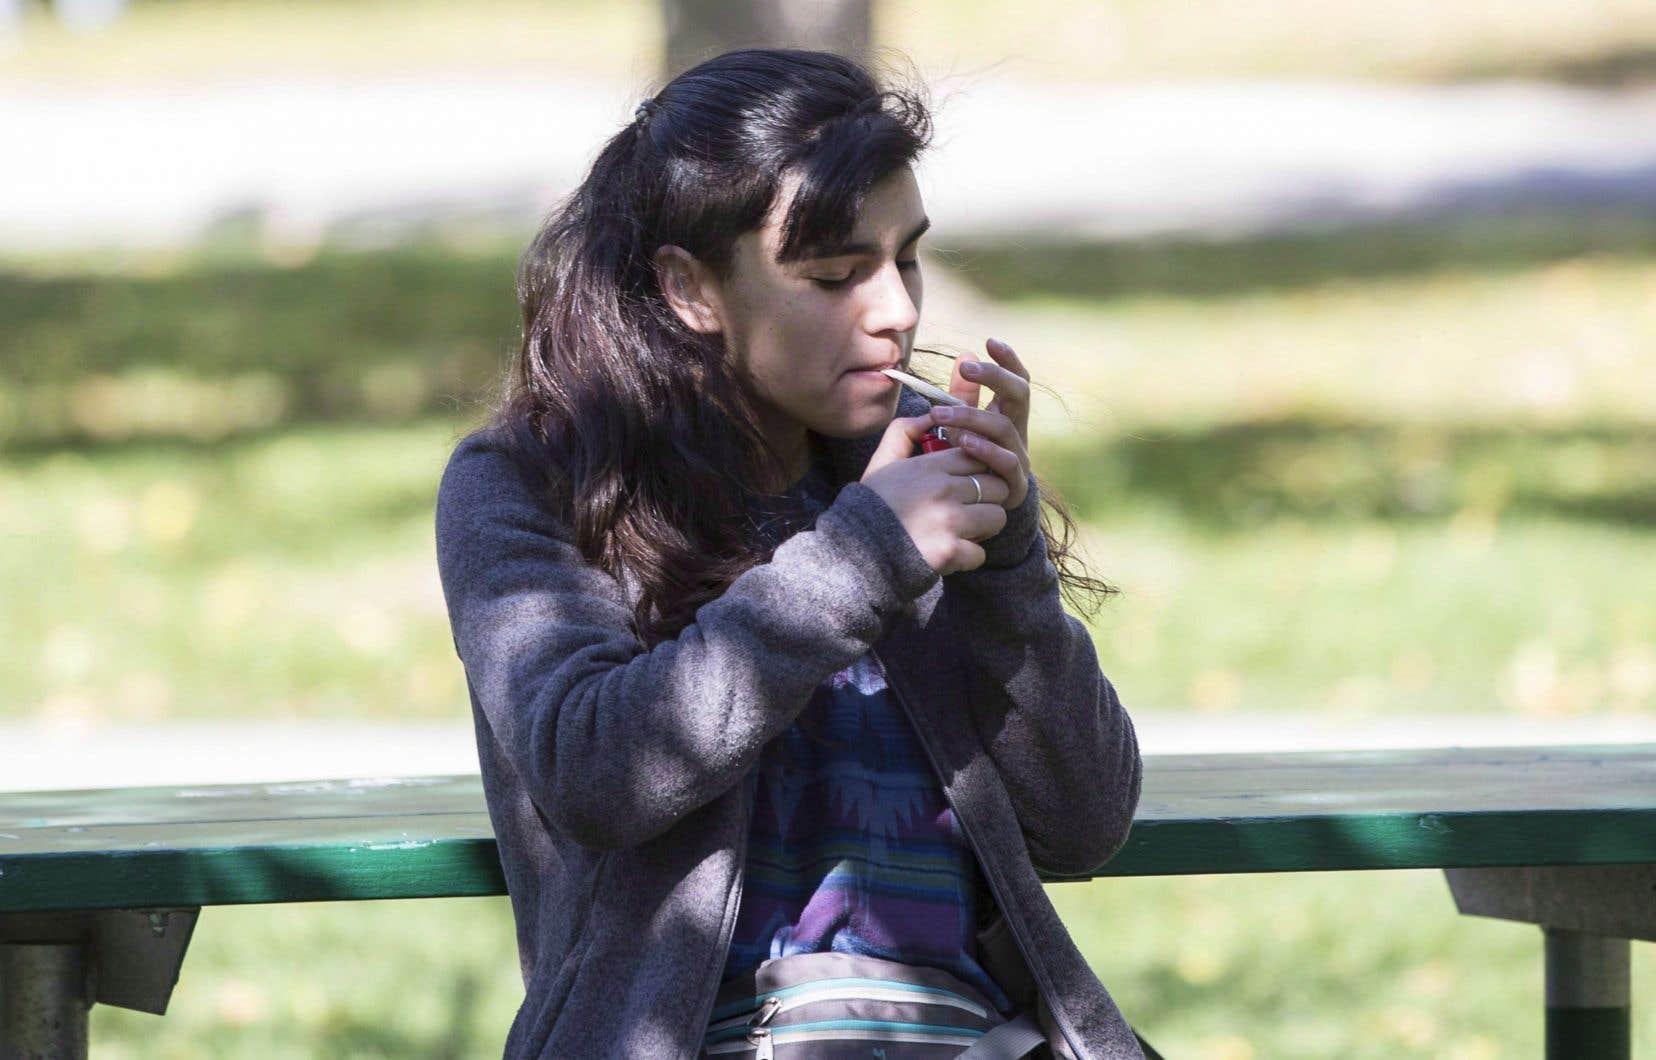 Au Canada, plus de 20 % des jeunes entre 15 et 25 ans consomment du cannabis de façon quotidienne ou occasionnelle.